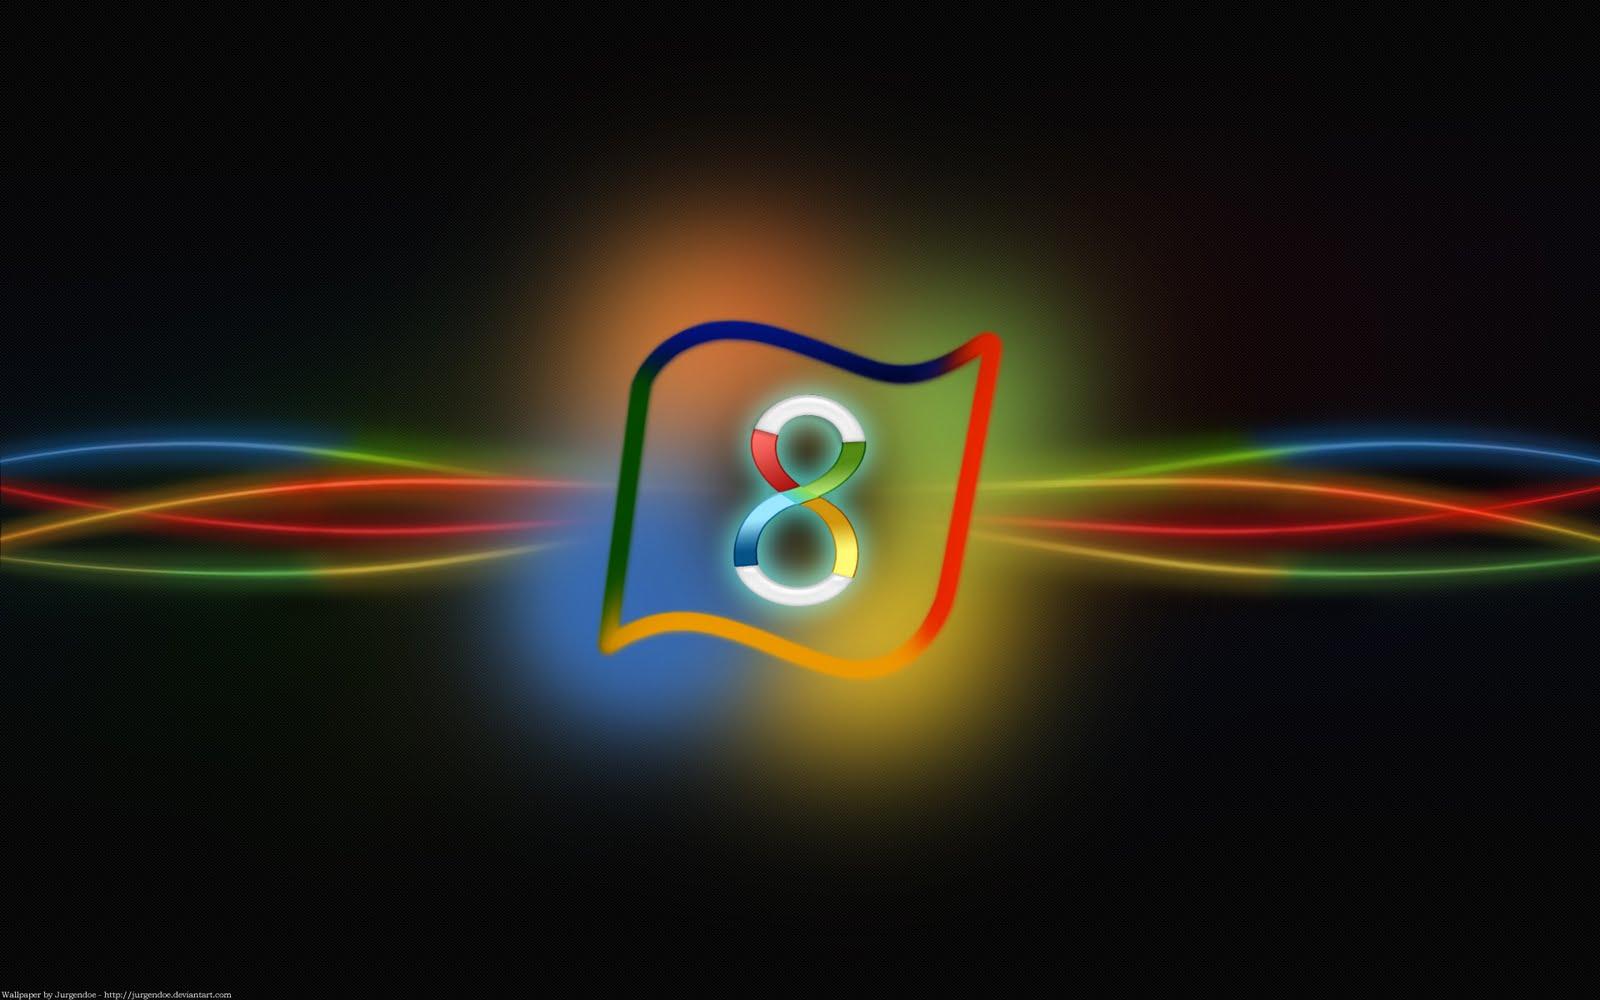 http://3.bp.blogspot.com/-Yk4CasMQjic/TfG0rRLqPFI/AAAAAAAACEU/mSfzlqM3g2Q/s1600/Windows-8-Neon-Wallpaper.jpg